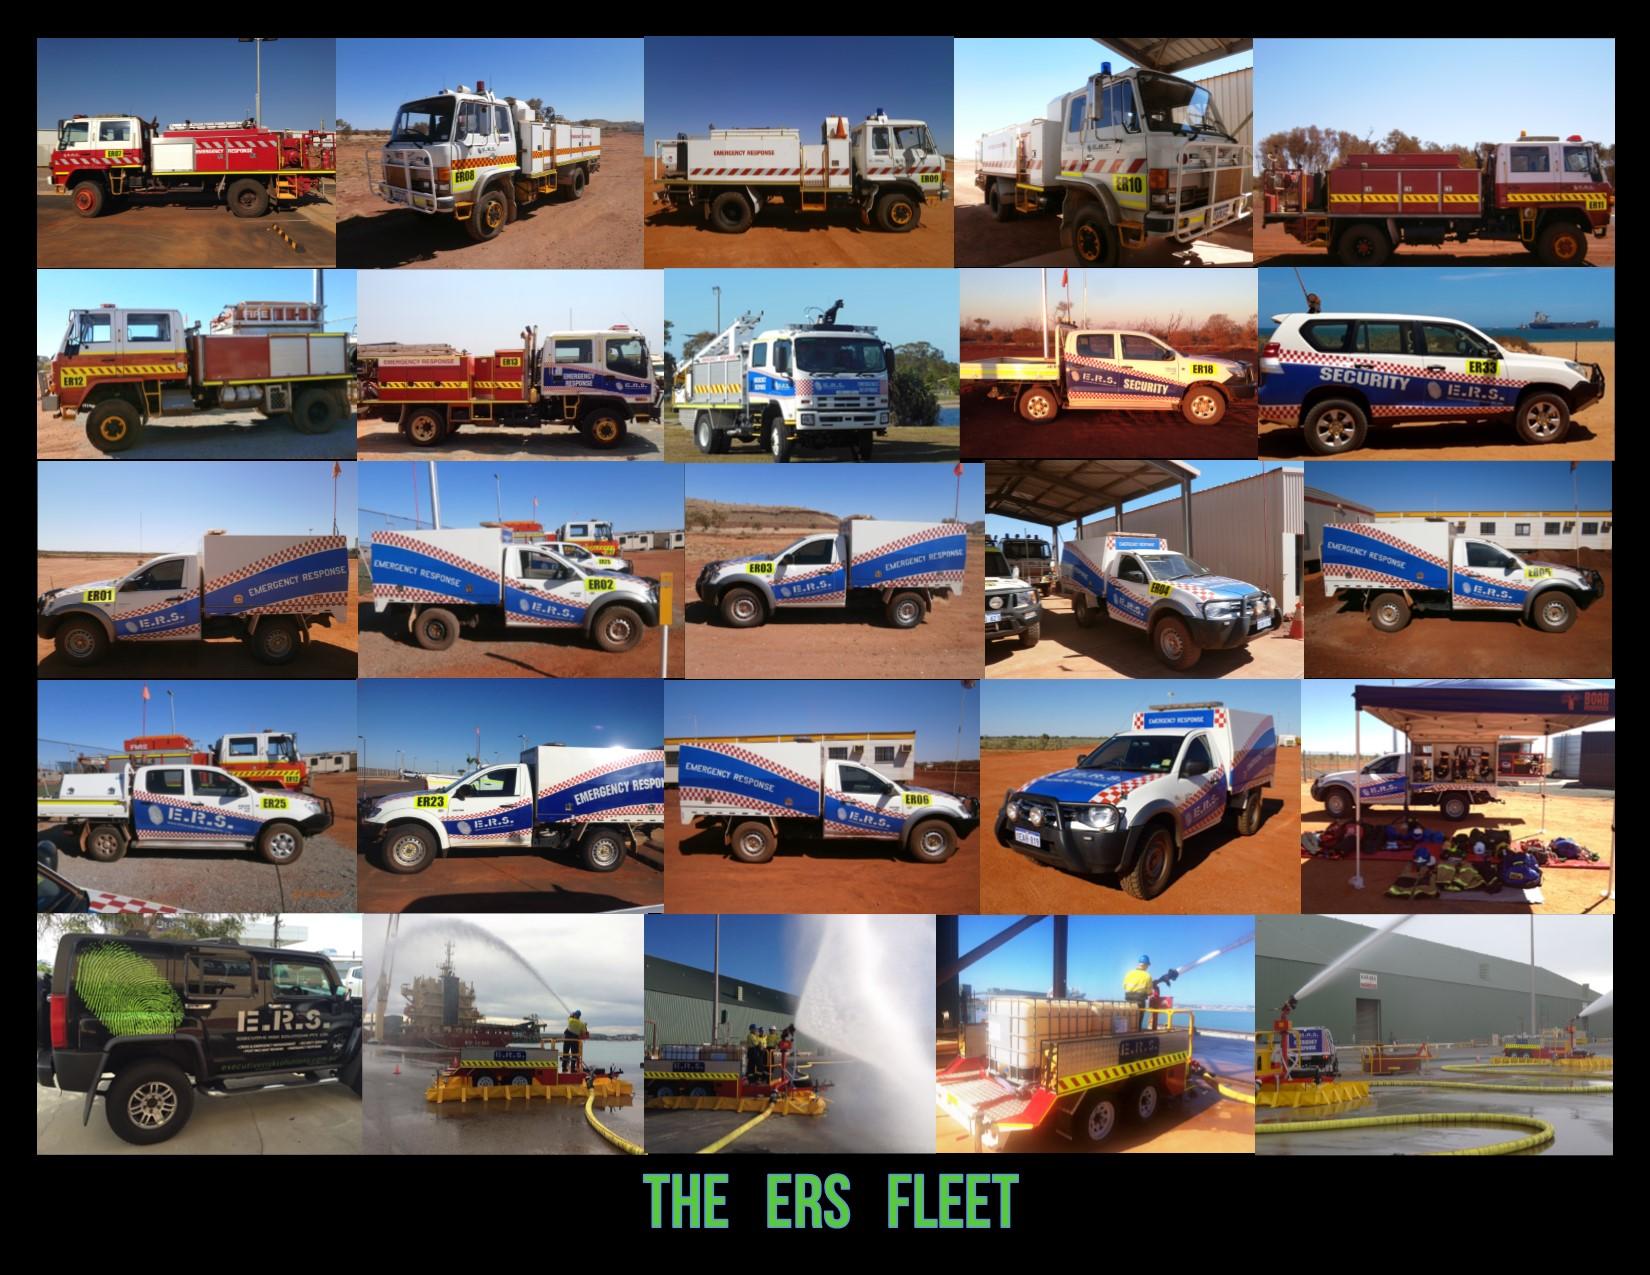 The ERS Fleet